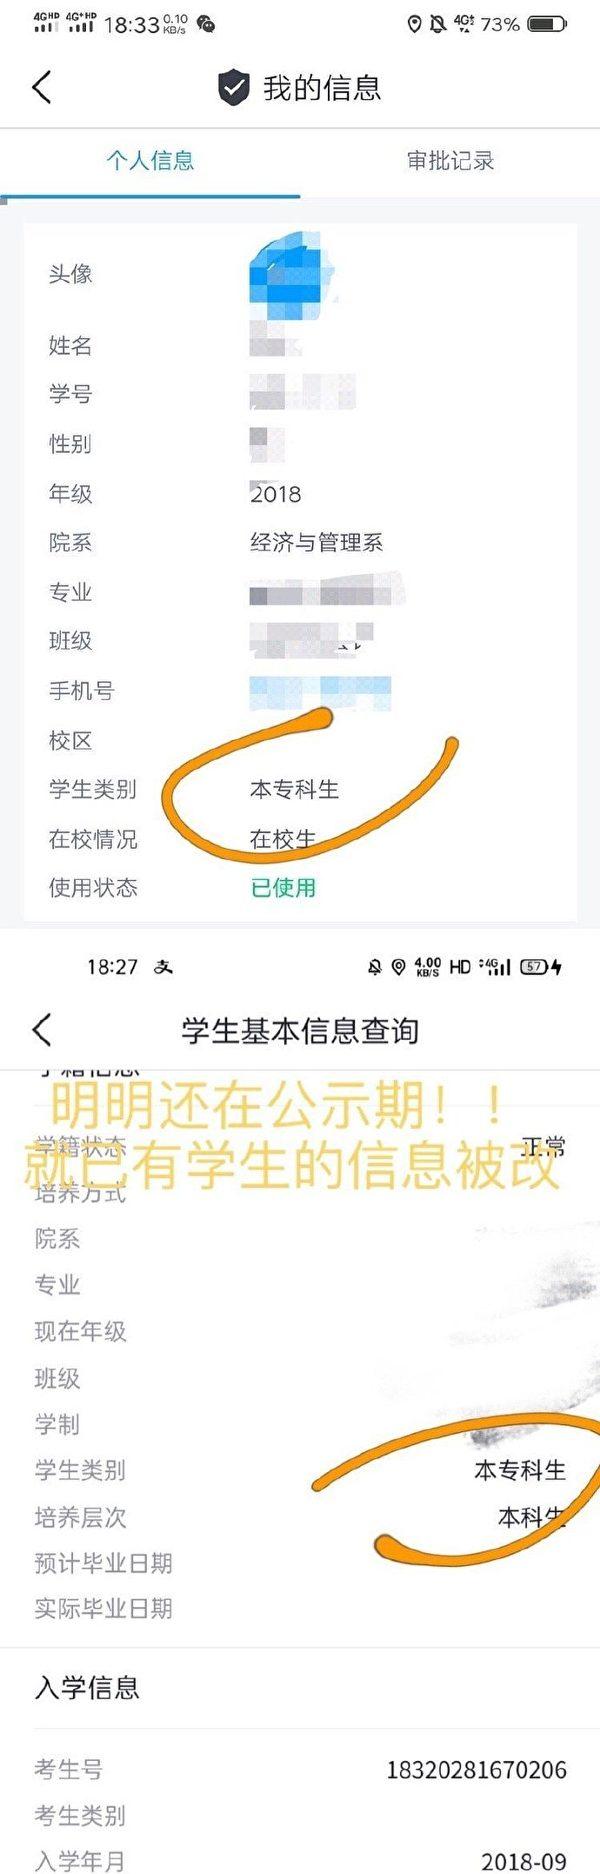 江蘇和浙江發文件稱暫停獨立學院改制,但有學生發現自己的基本信息已經被改。(微博截圖)